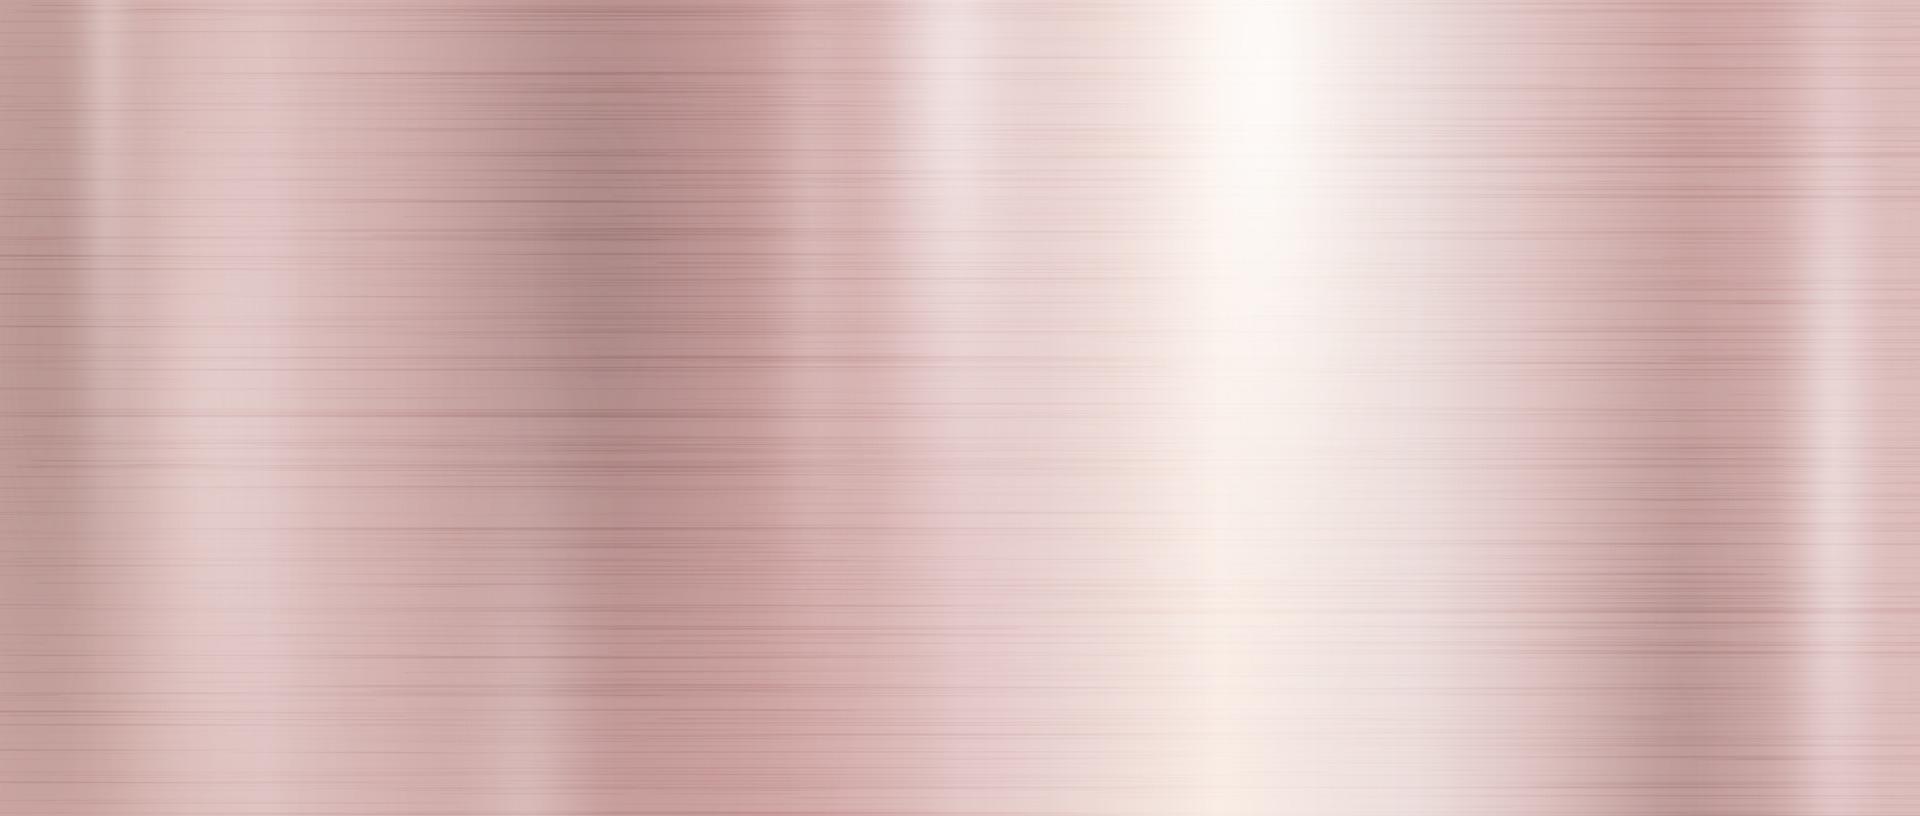 Ilustración de vector de fondo de textura de metal de oro rosa